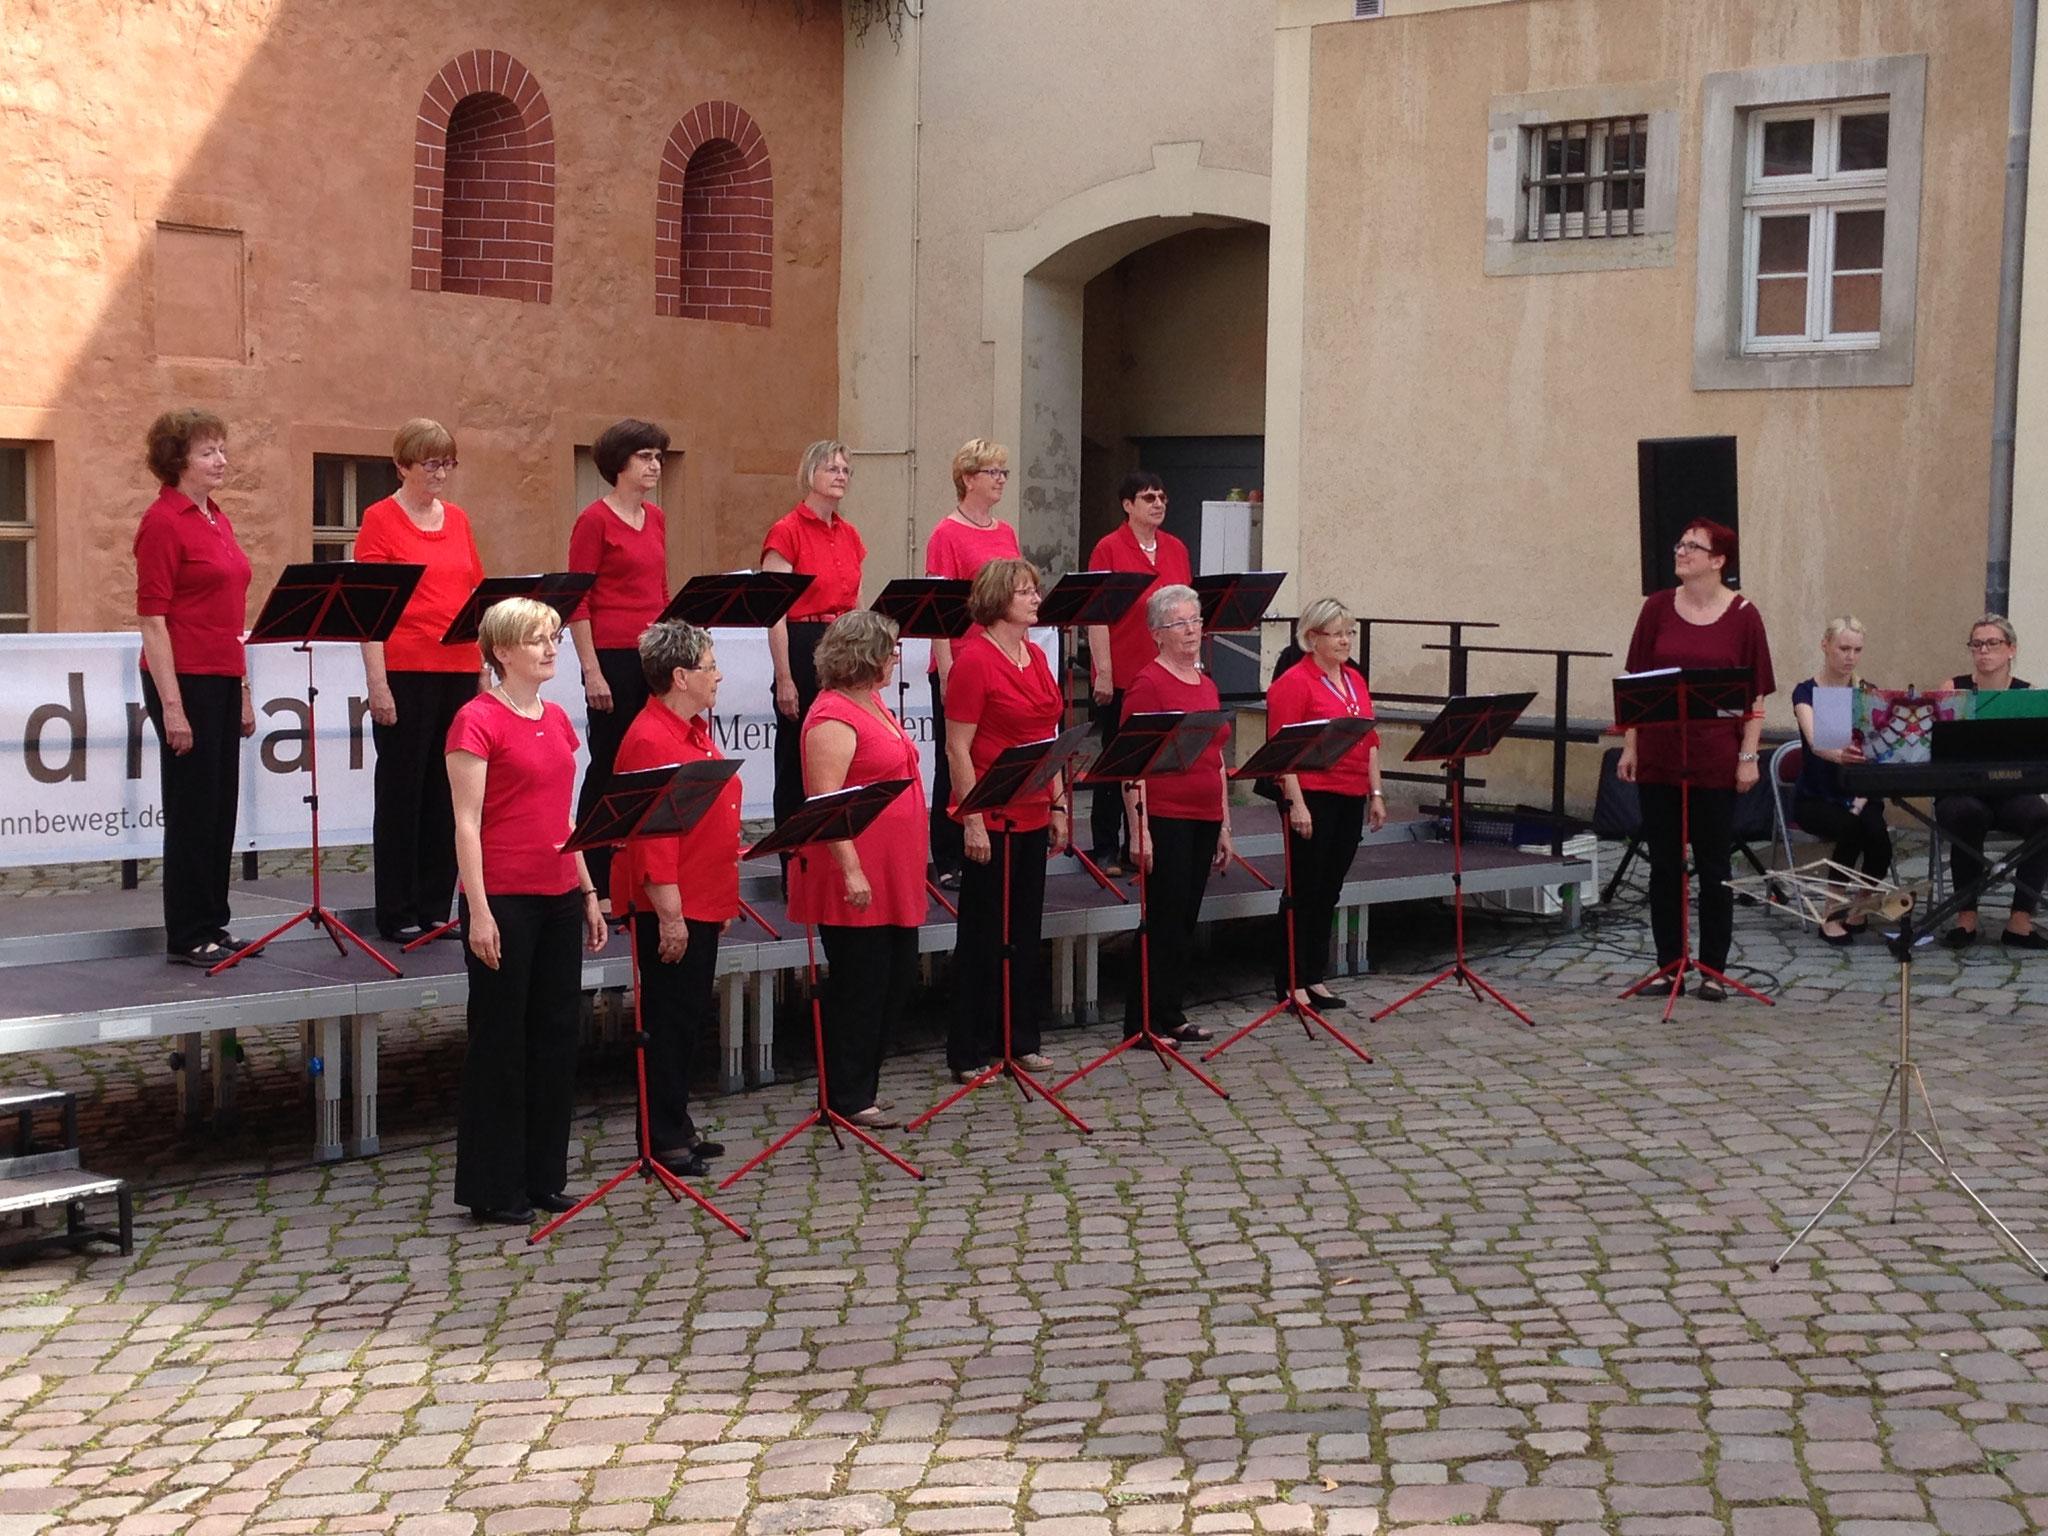 Auftritt auf Einladung des Konzertchores Riesa im Klosterhof Riesa